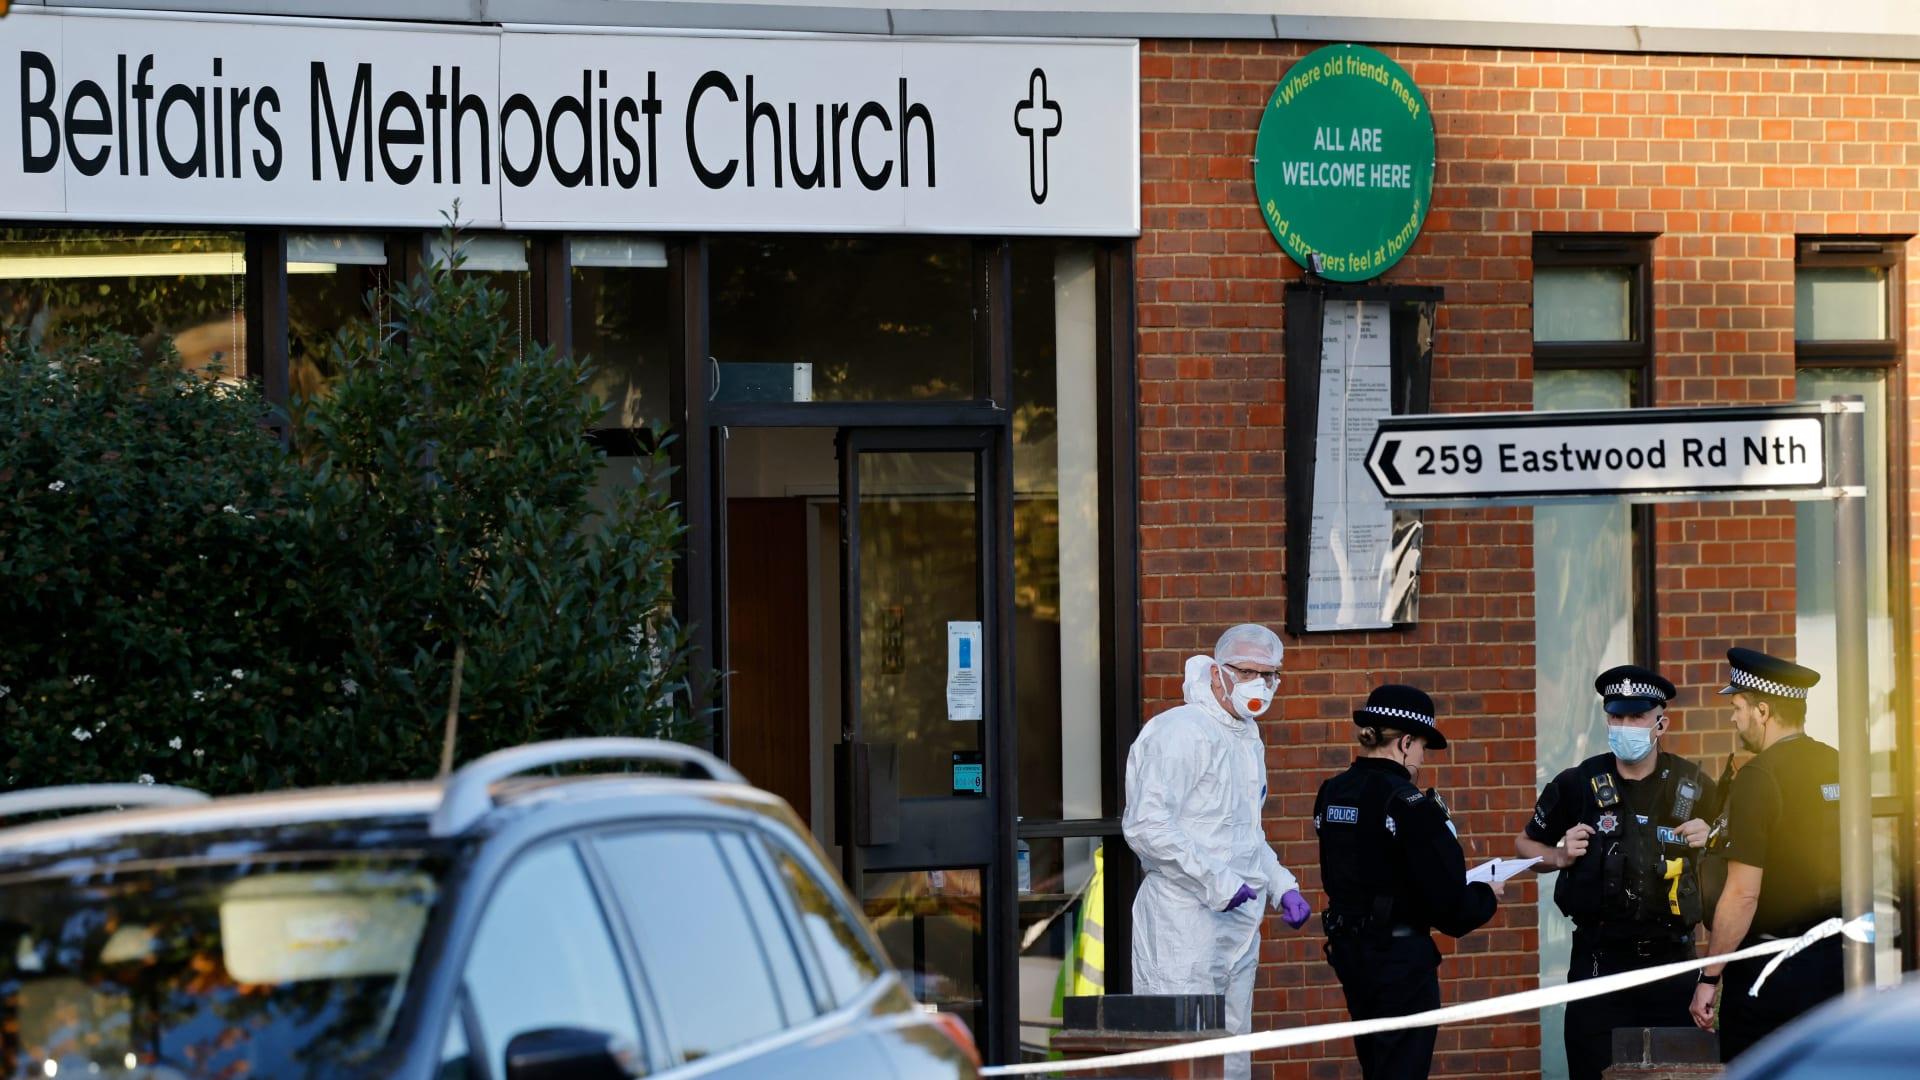 ديفيد أميس، النائب البريطاني الذي قُتل في حادث طعن بسكين يوم الجمعة